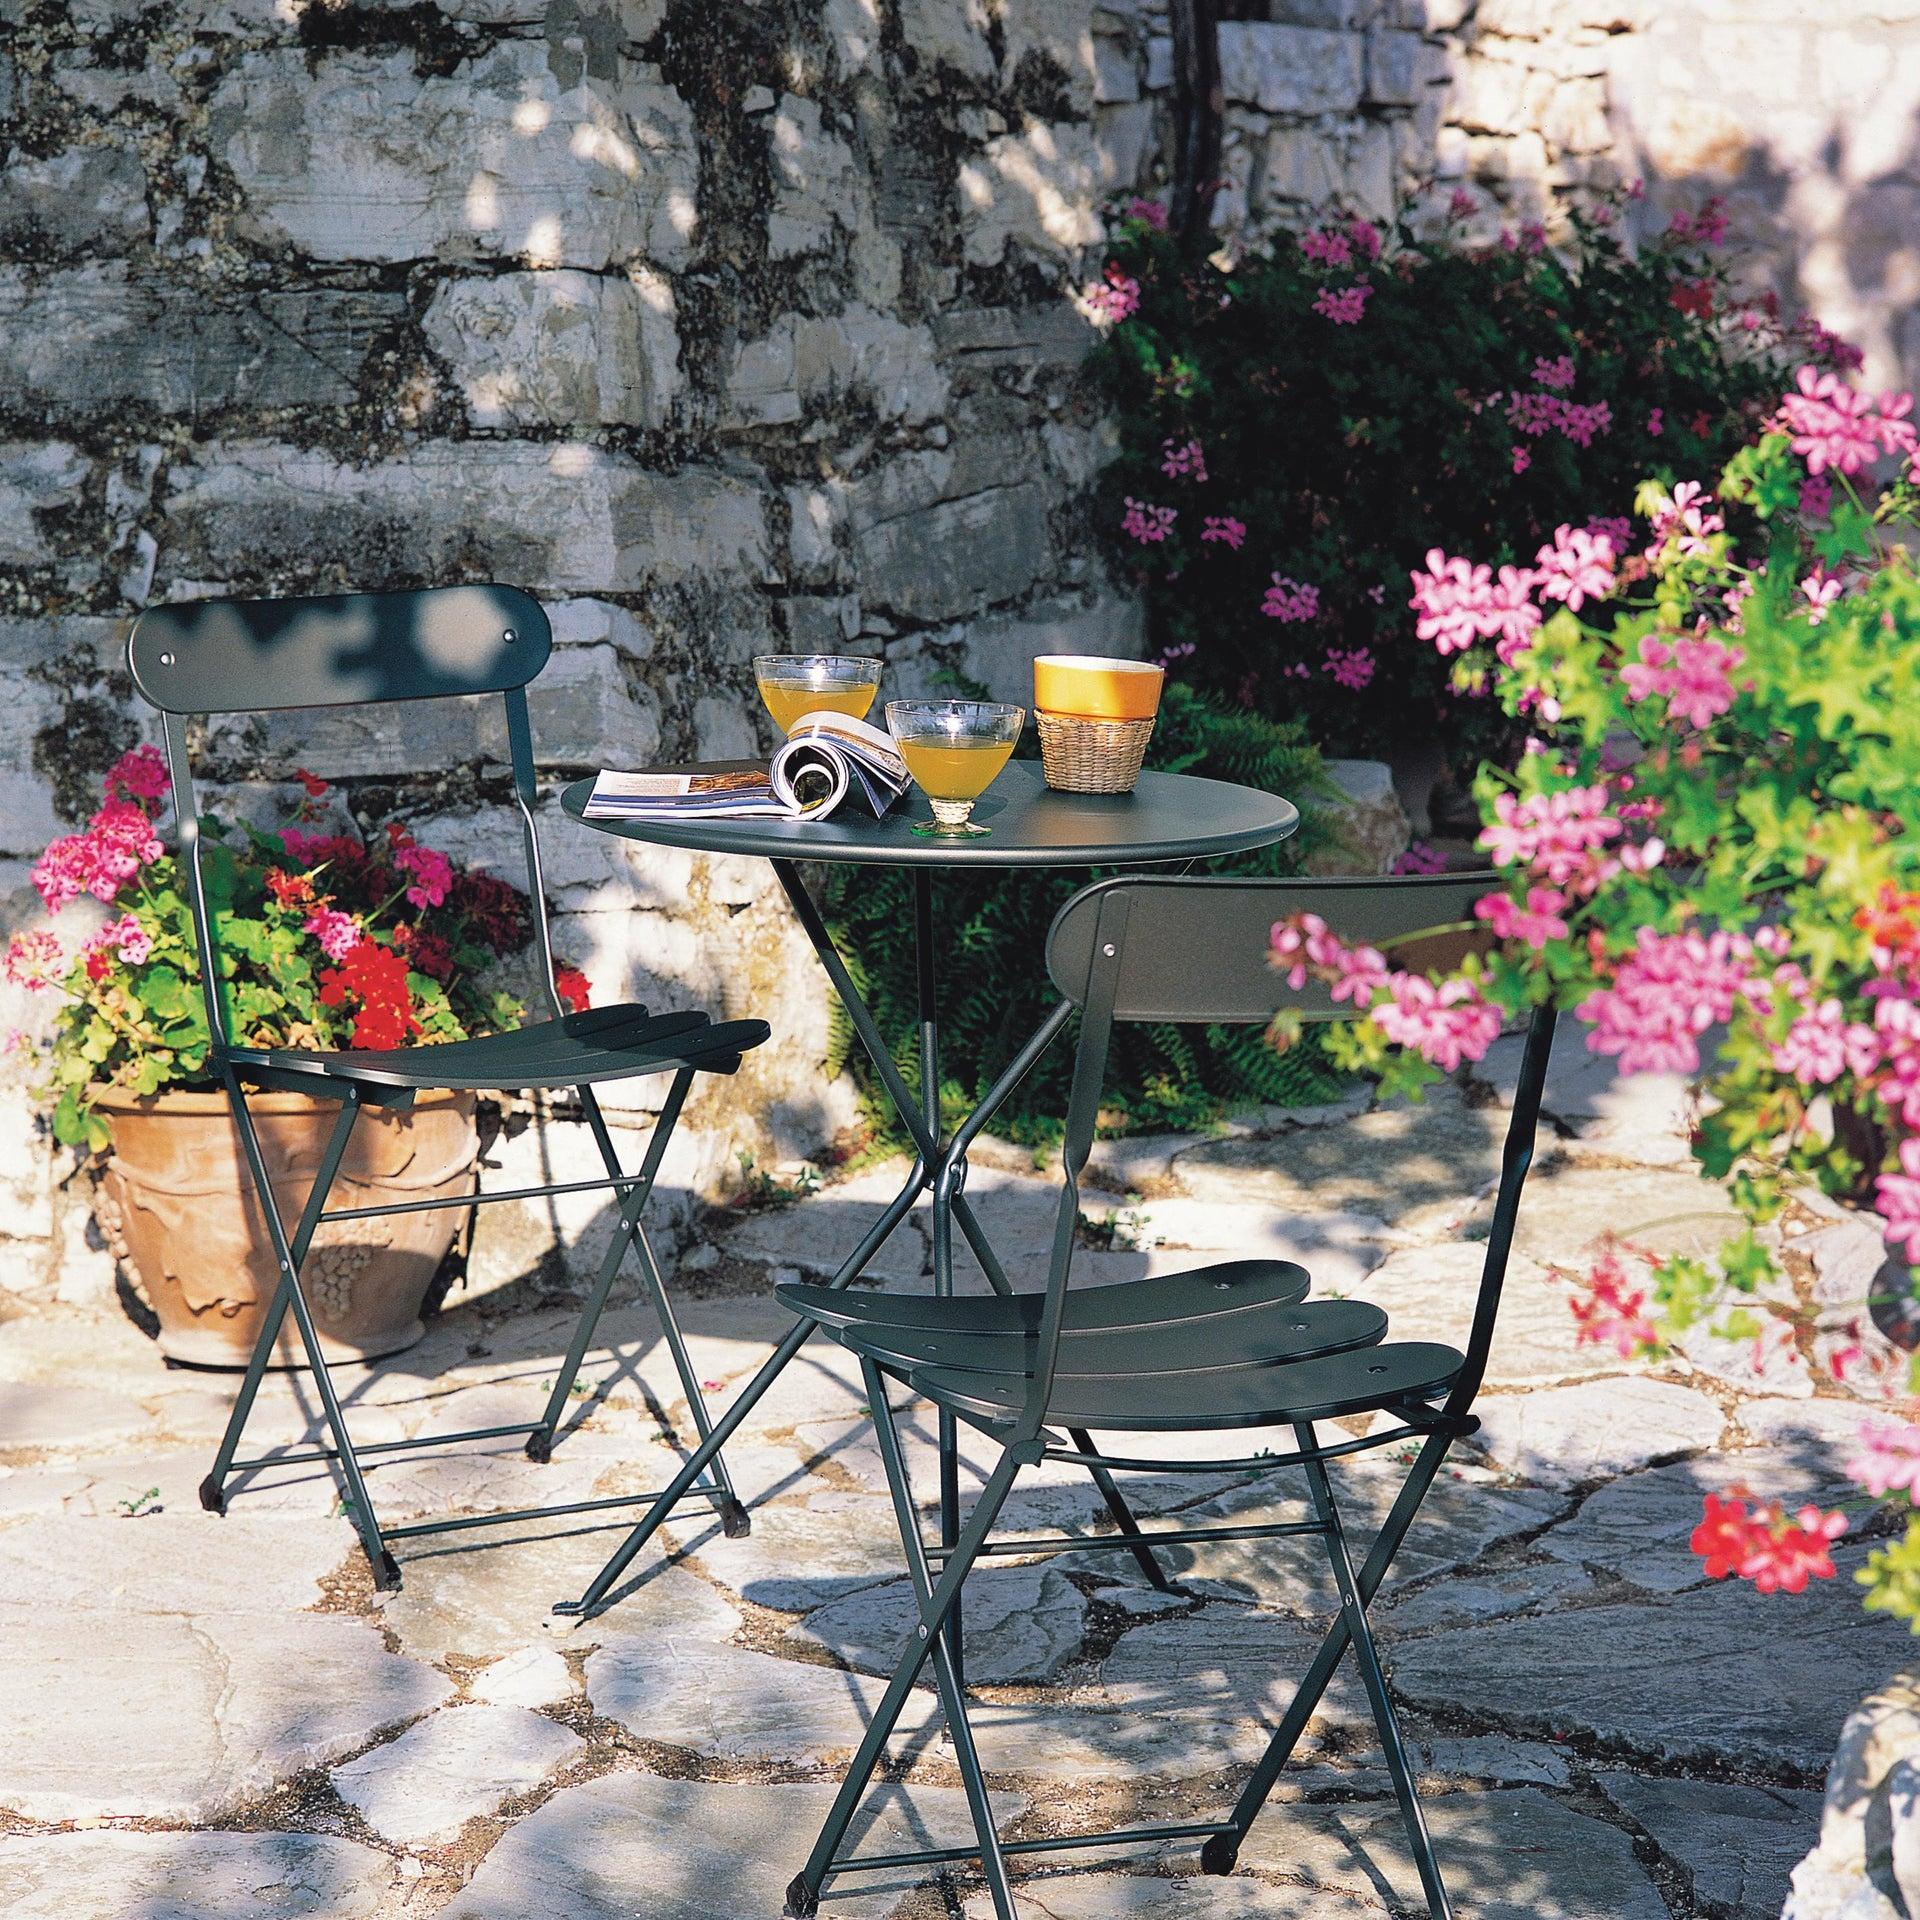 Sedia da giardino senza cuscino pieghevole Cassis colore antracite - 2